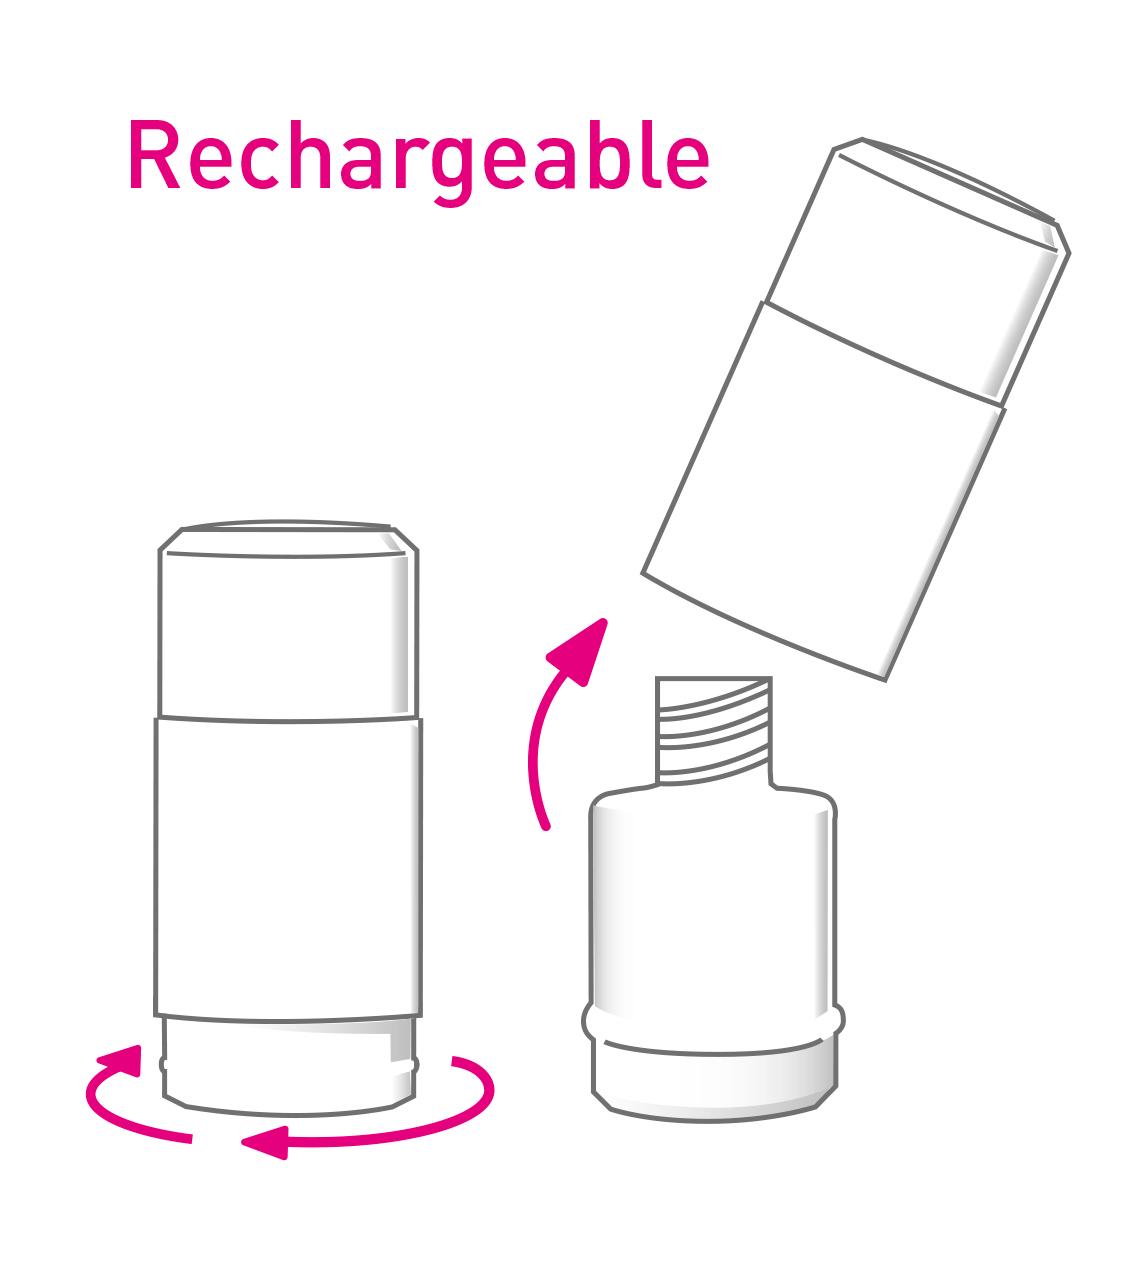 schema-recharge-web.jpg